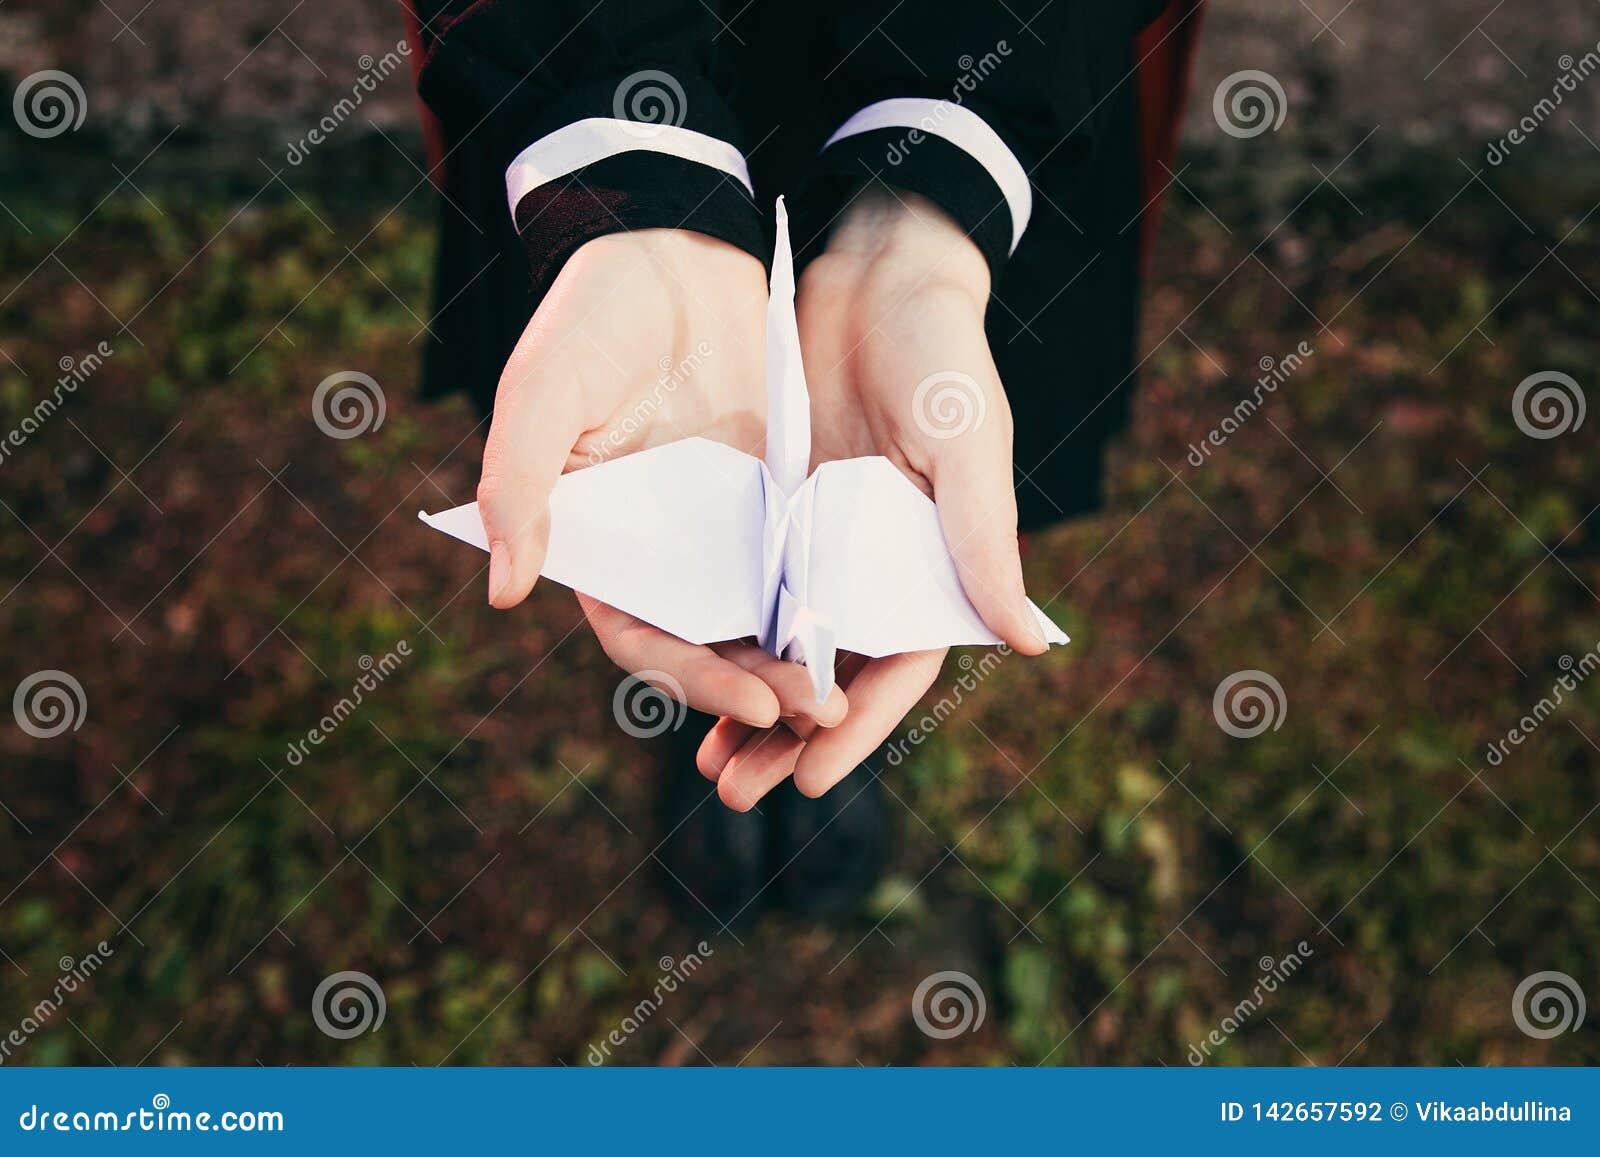 拿着origami纸起重机鸟有草,女孩穿戴日本校服背景的女性女孩手